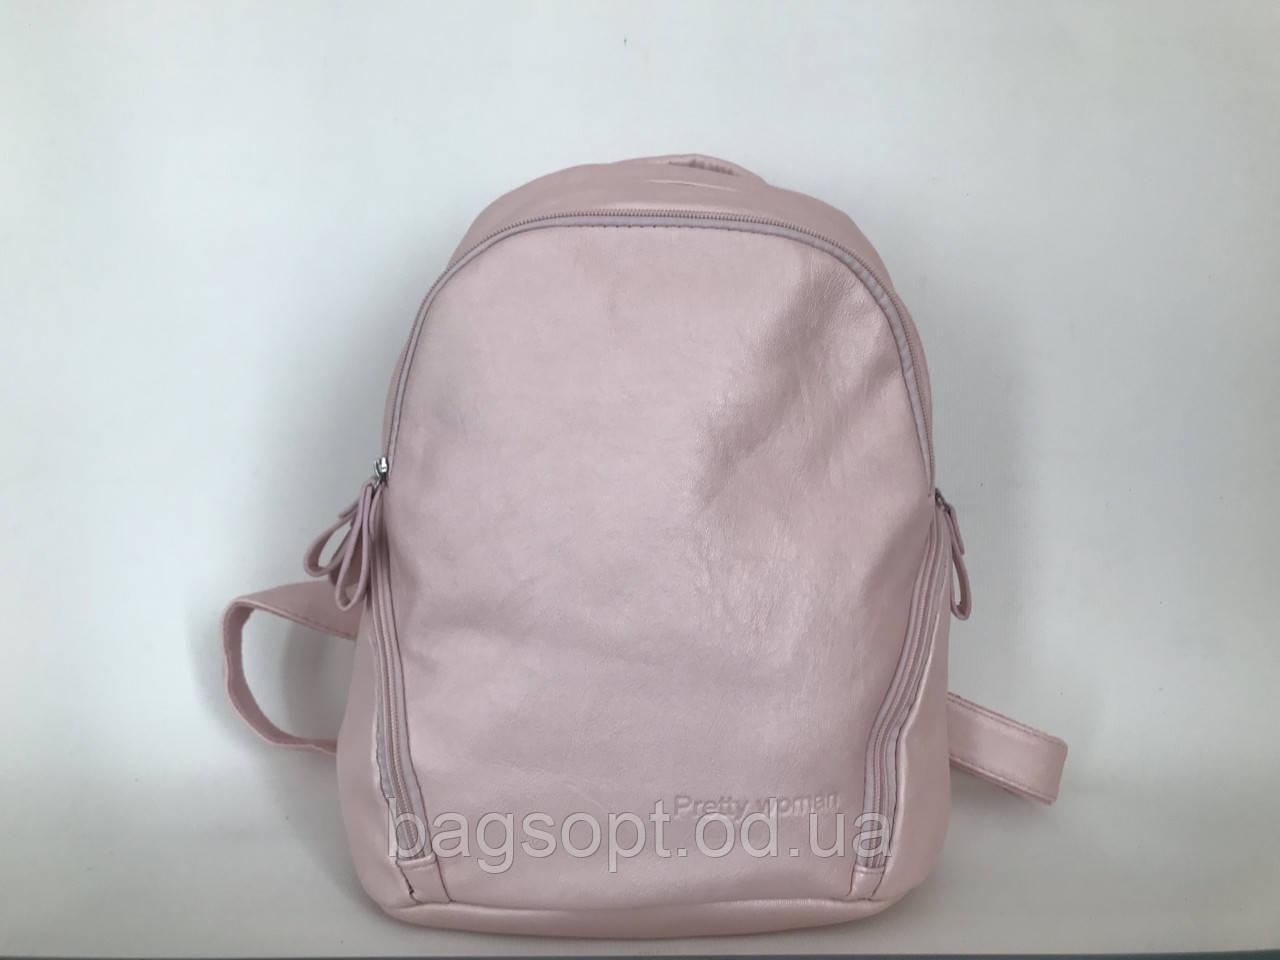 Рожевий рюкзак міський молодіжний з екошкіри Pretty Woman Одеса 7 км